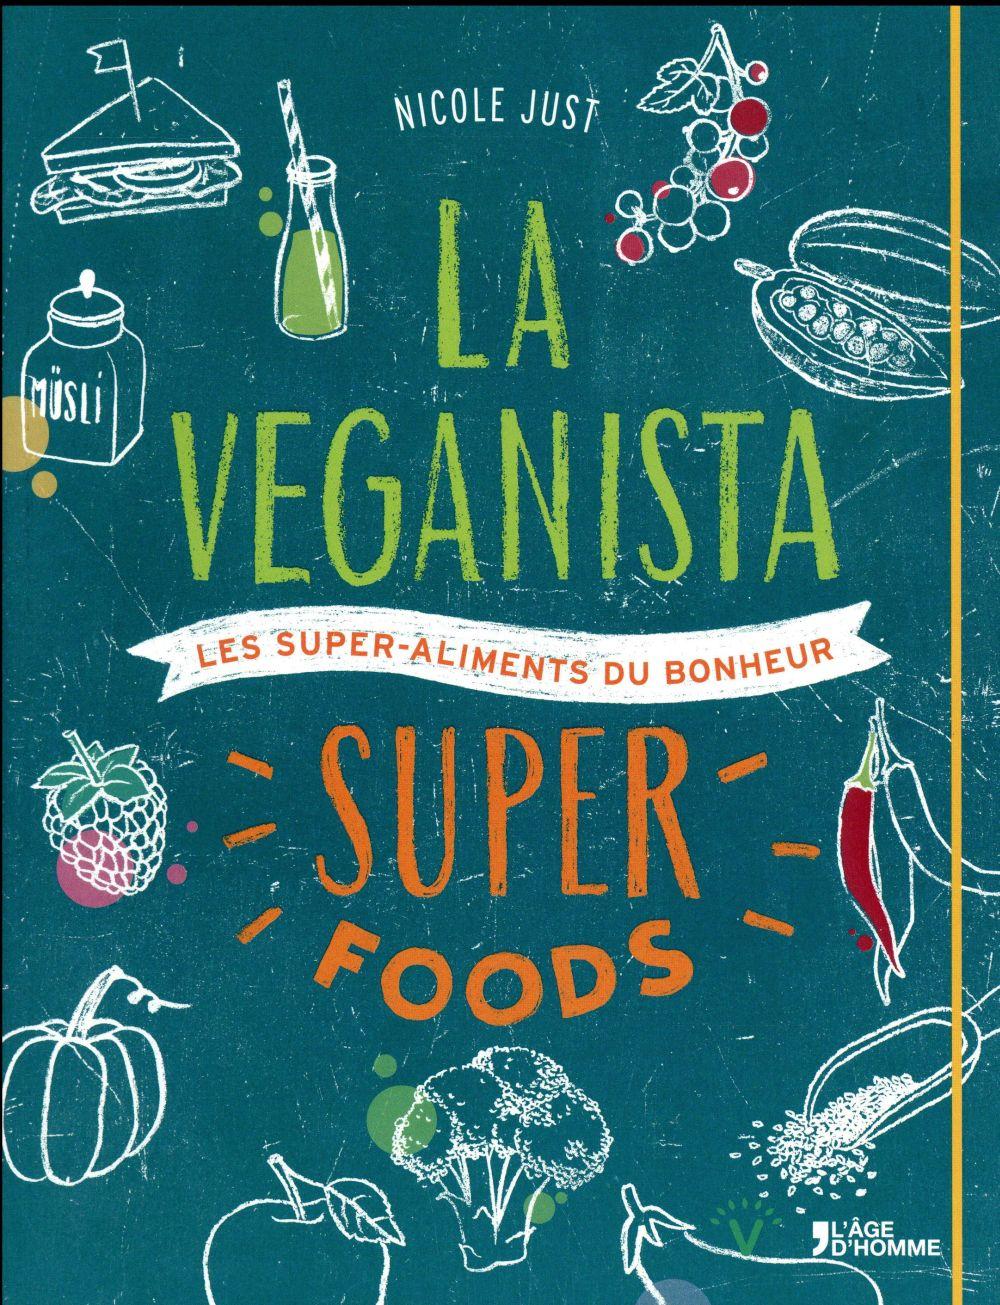 LA VEGANISTA SUPER FOODS